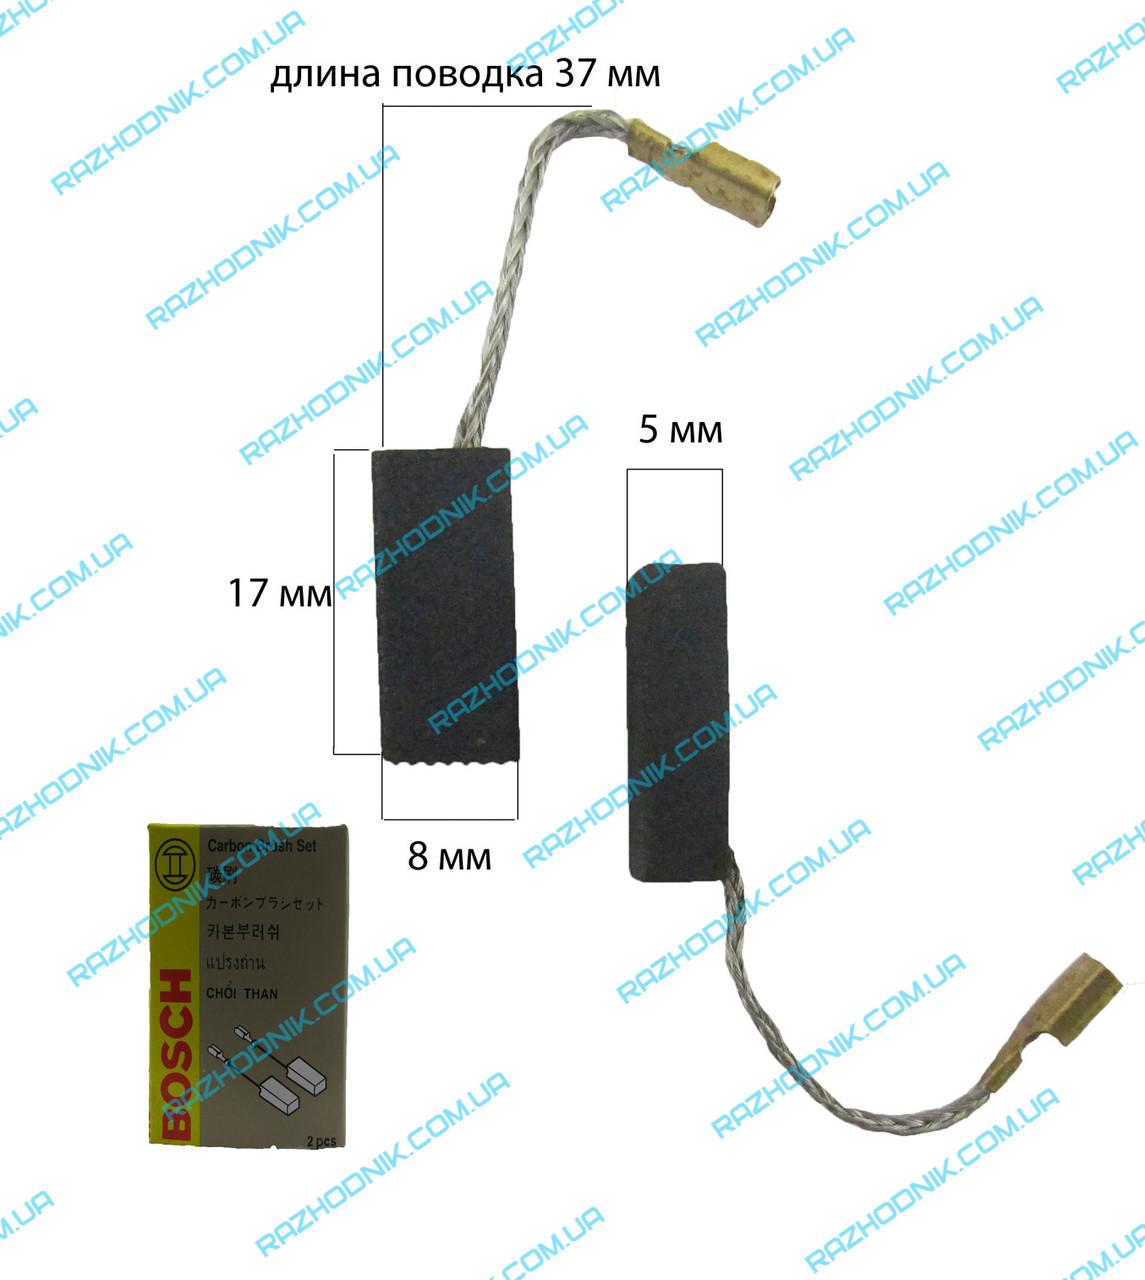 Угольная щетка Bosch 2-26 (5x8x17)